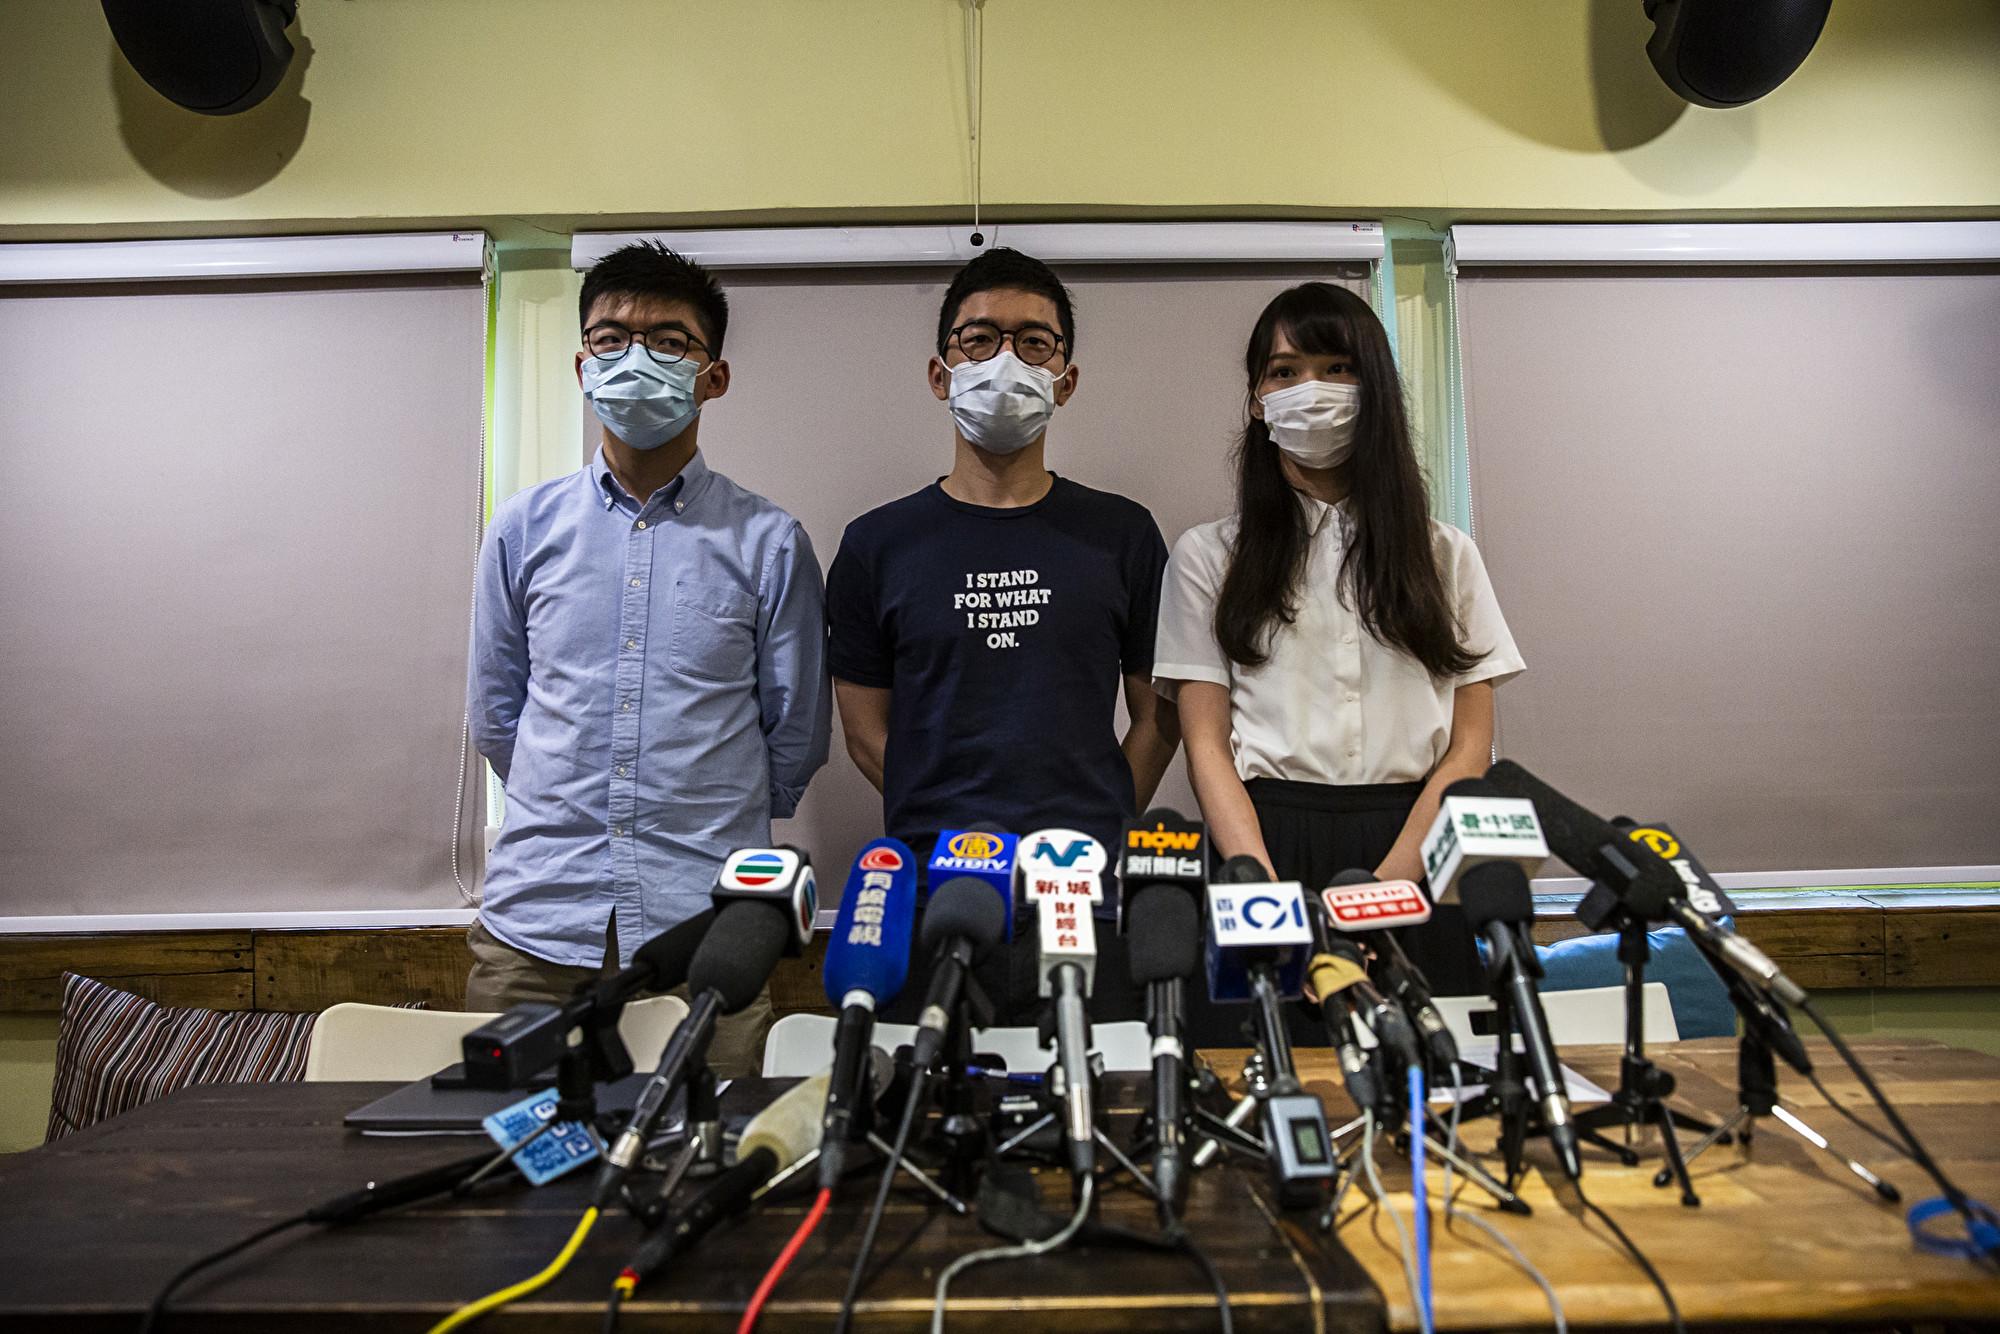 香港眾志等組織解散「化整為零 繼續抗爭」